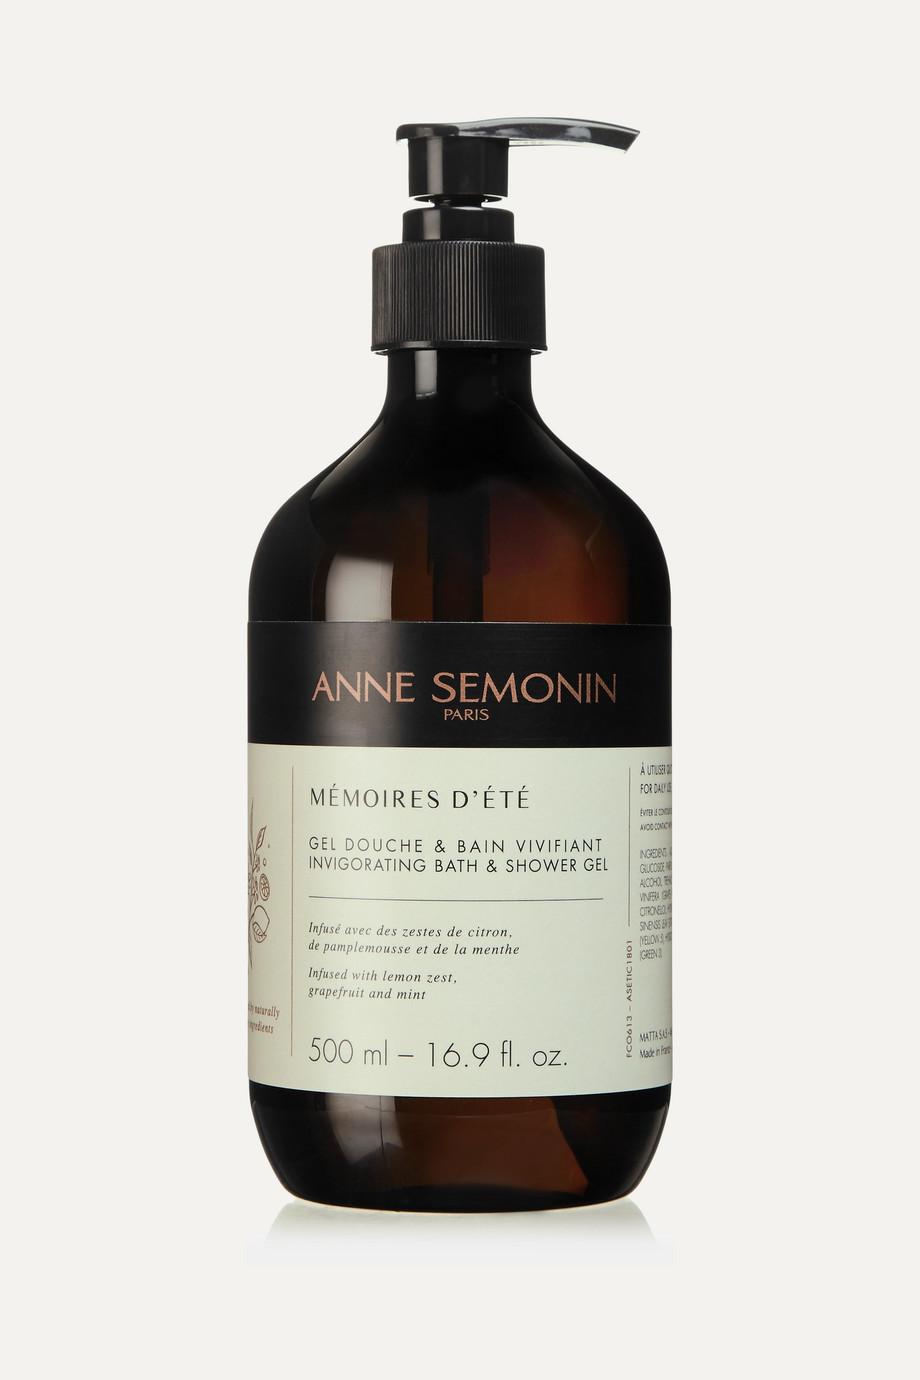 Anne Semonin Mémoires d'Été Invigorating Bath & Shower Gel - 500ml